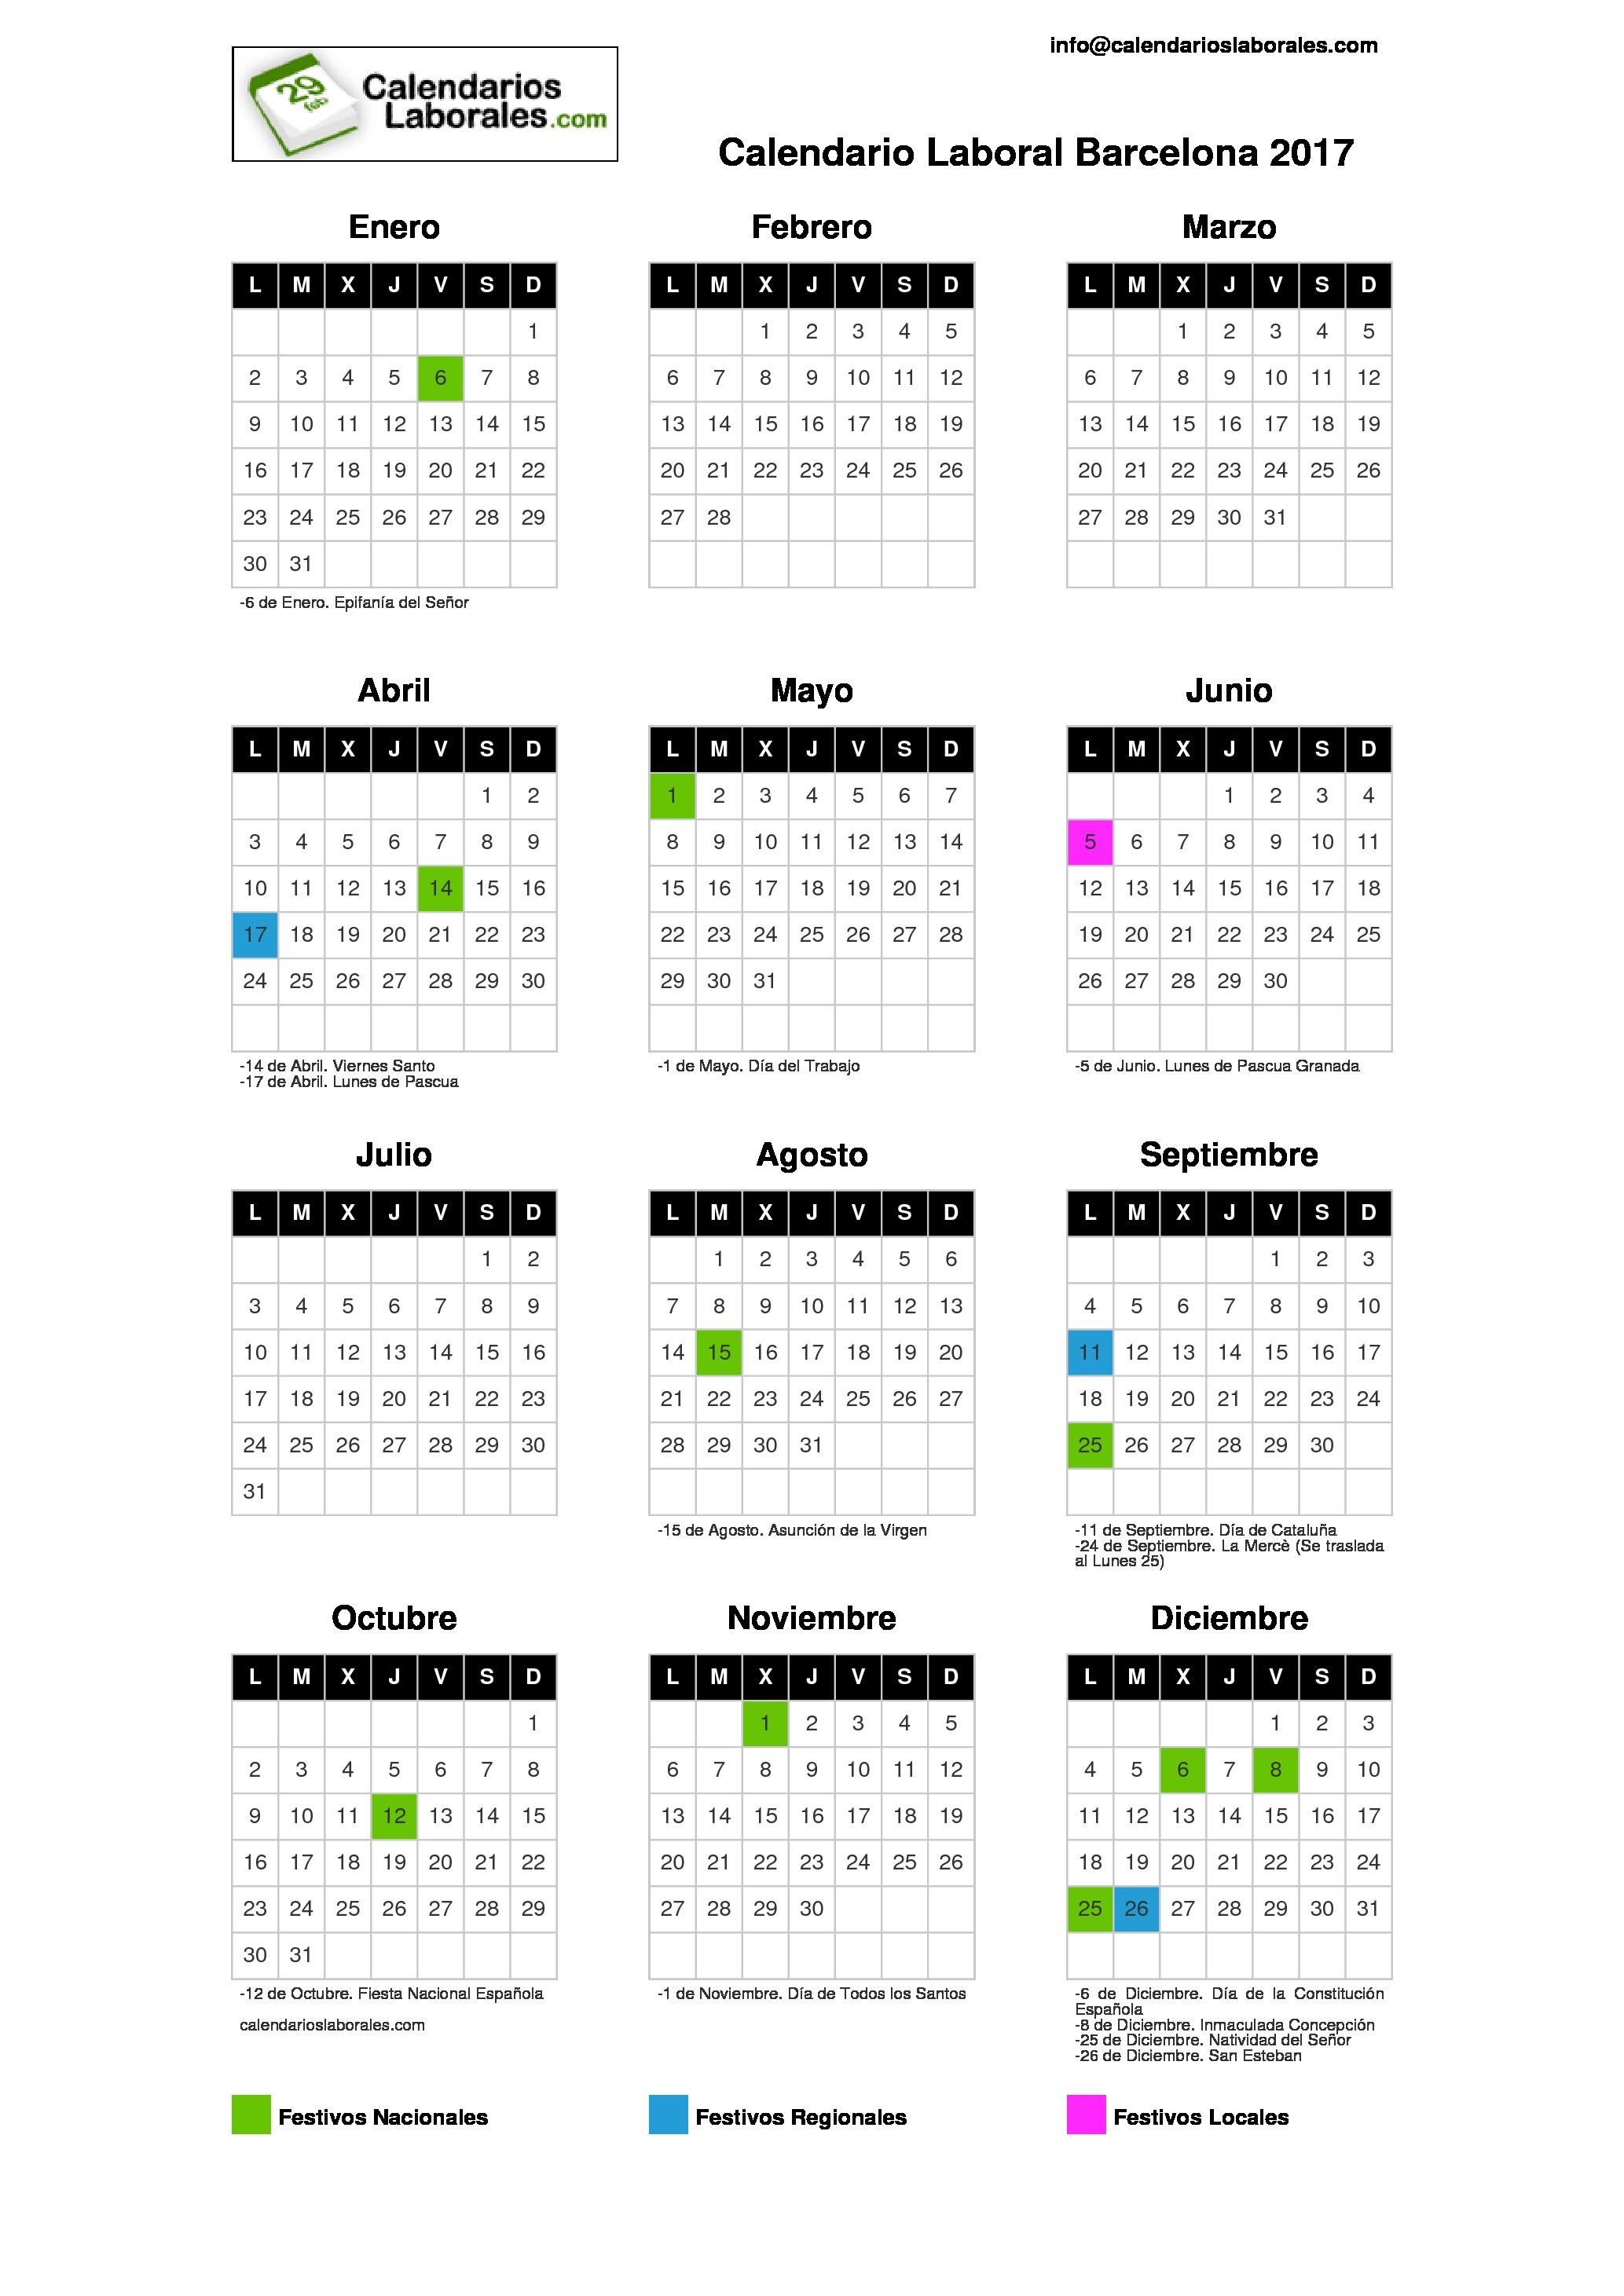 Descargar calendario Barcelona 2017 para imprimir